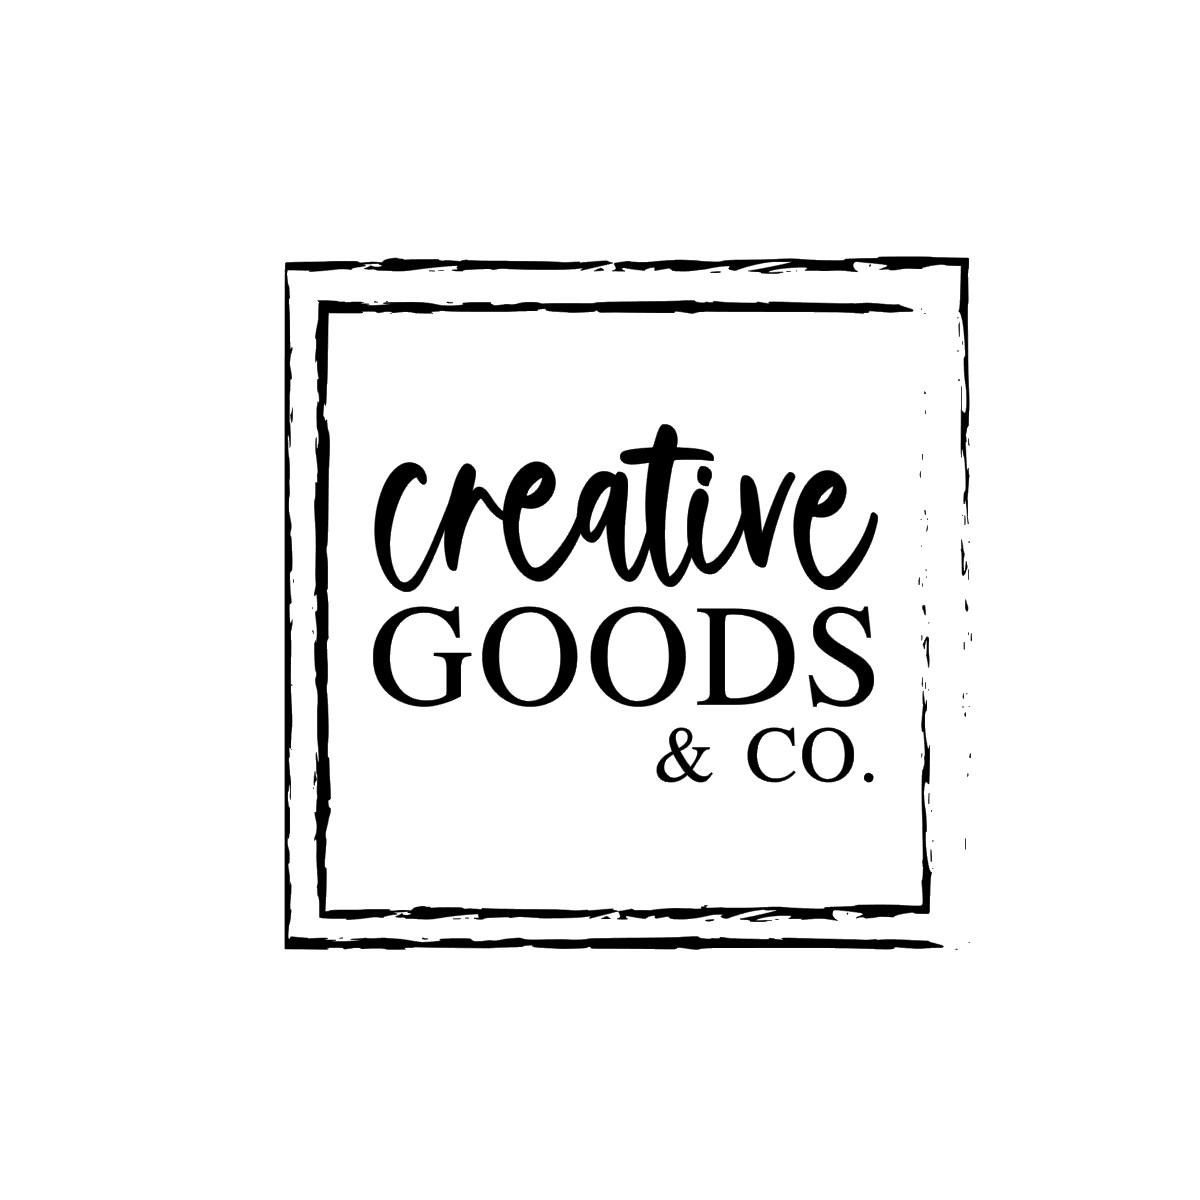 Creative Goods & Co.